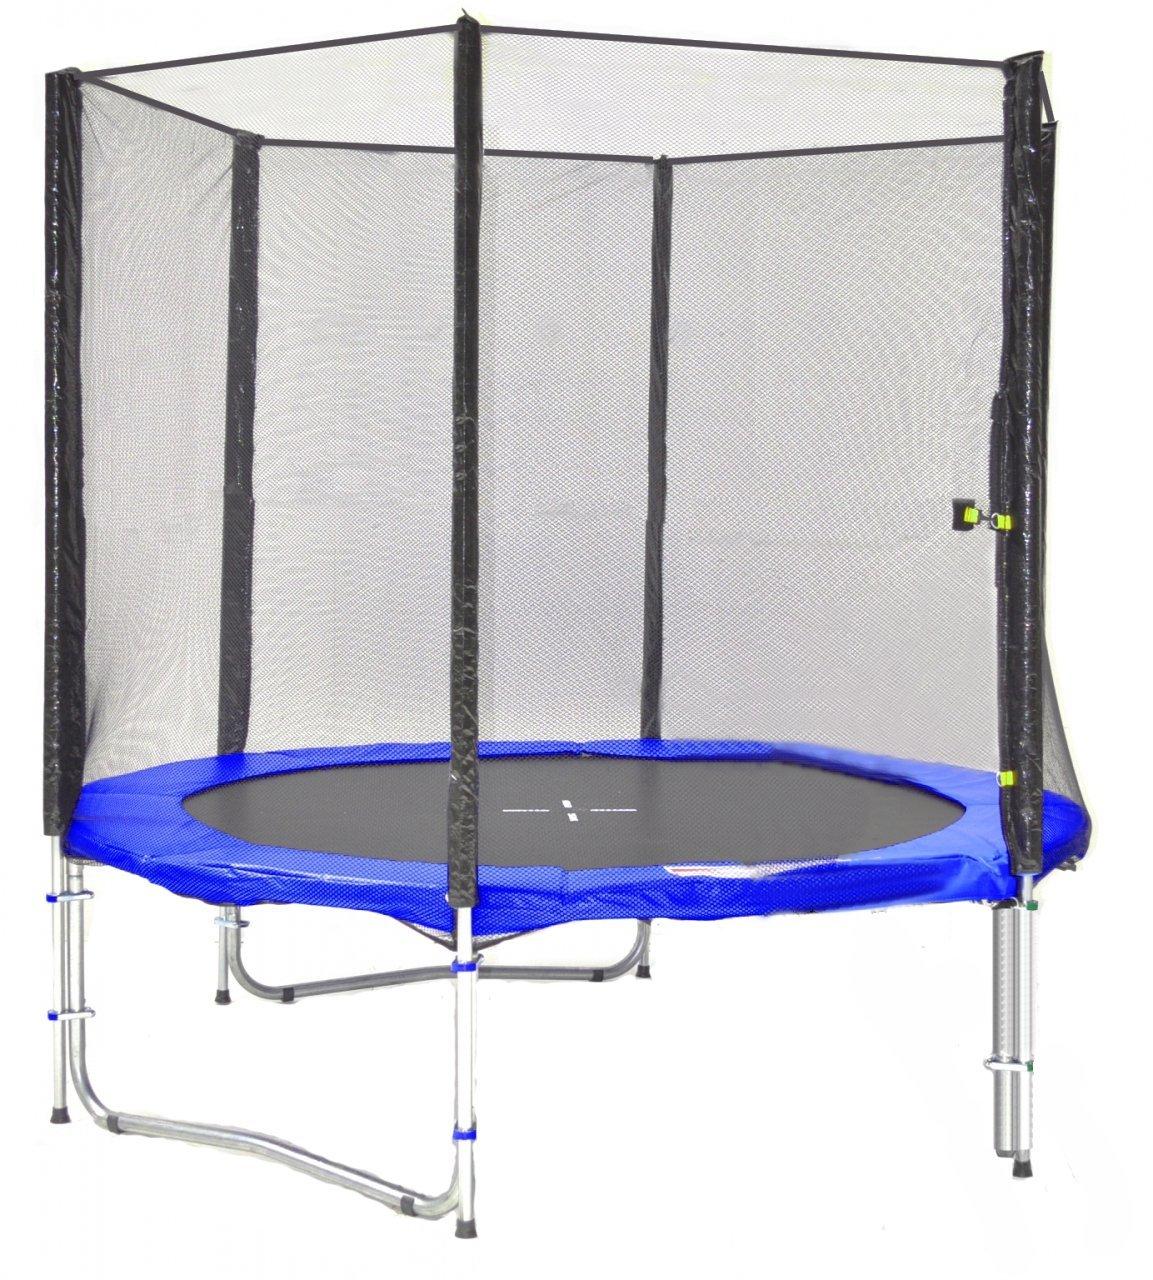 SB-185-B Professionell Gartentrampolin 185cm incl. Netz, und Leiter 90kg Traglast günstig kaufen